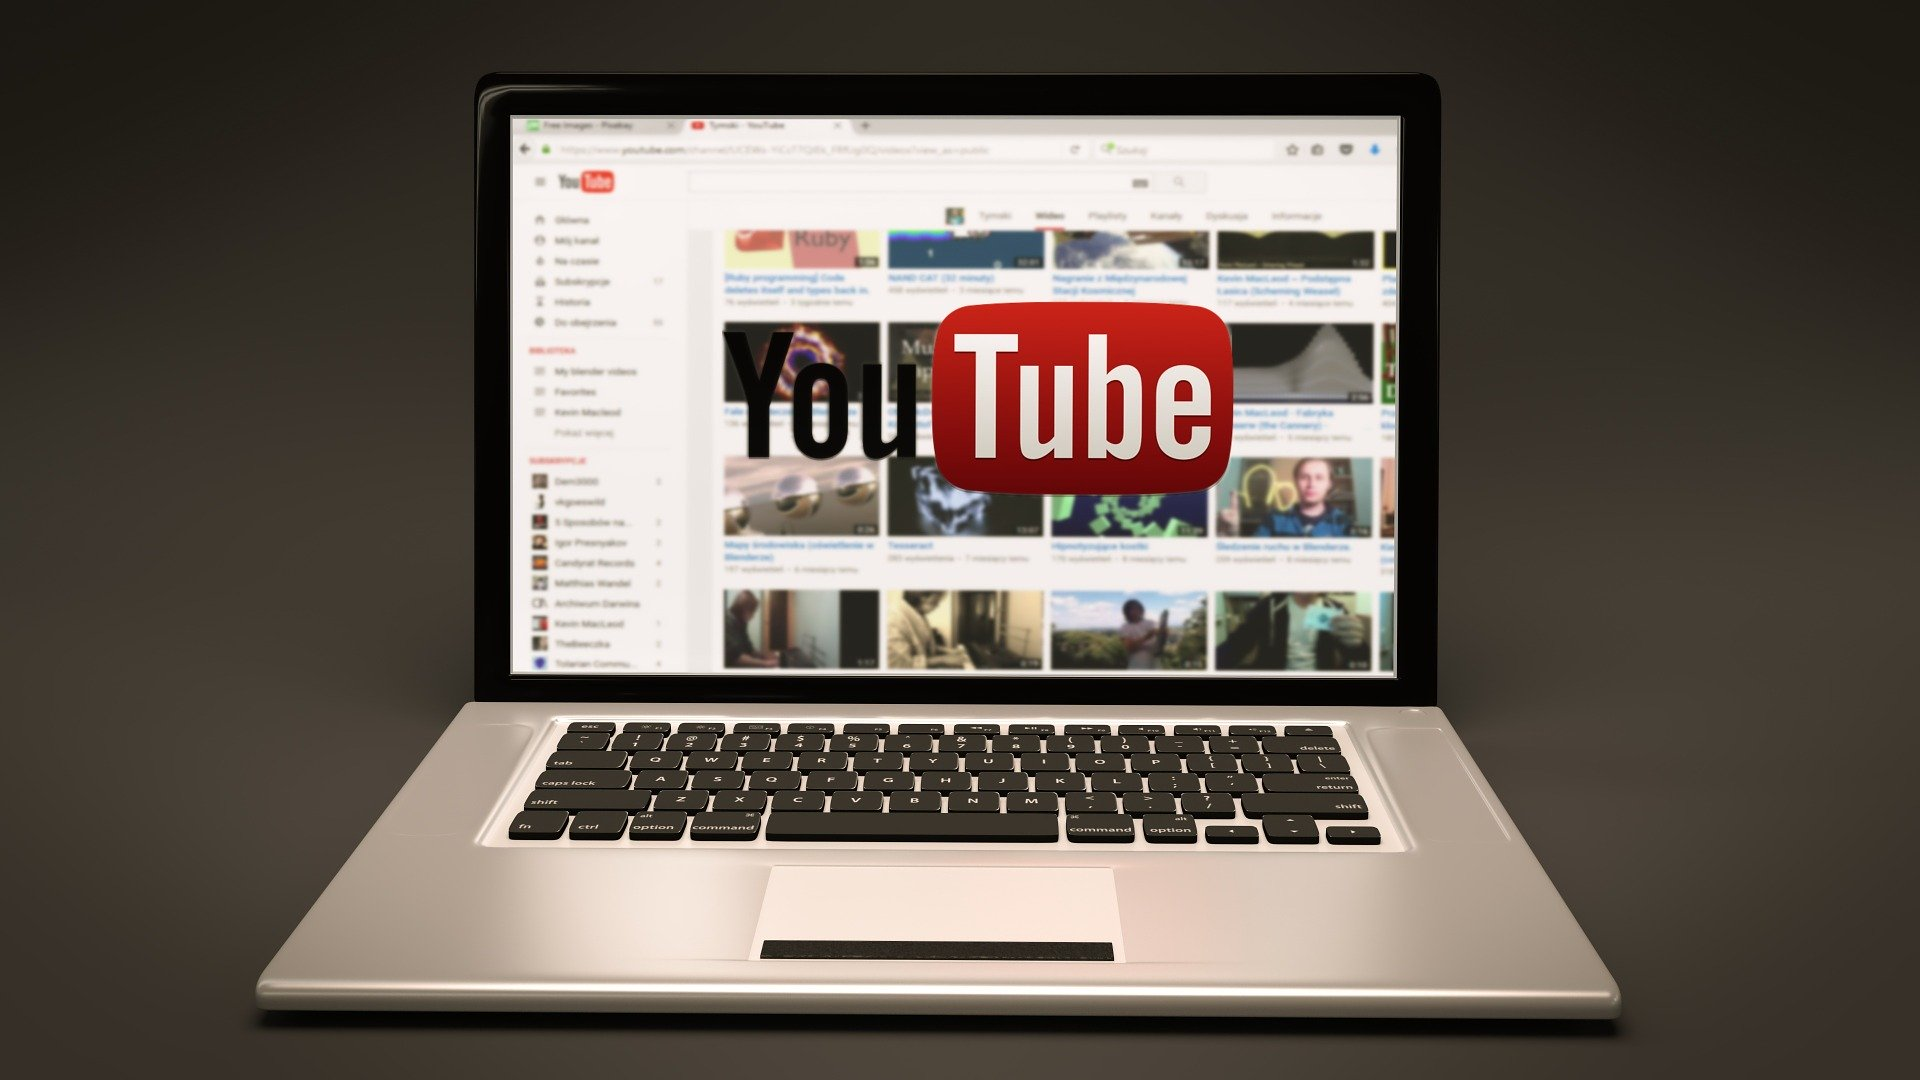 YouTube: Werbung von Top-Marken finanziert Klima-Lügen